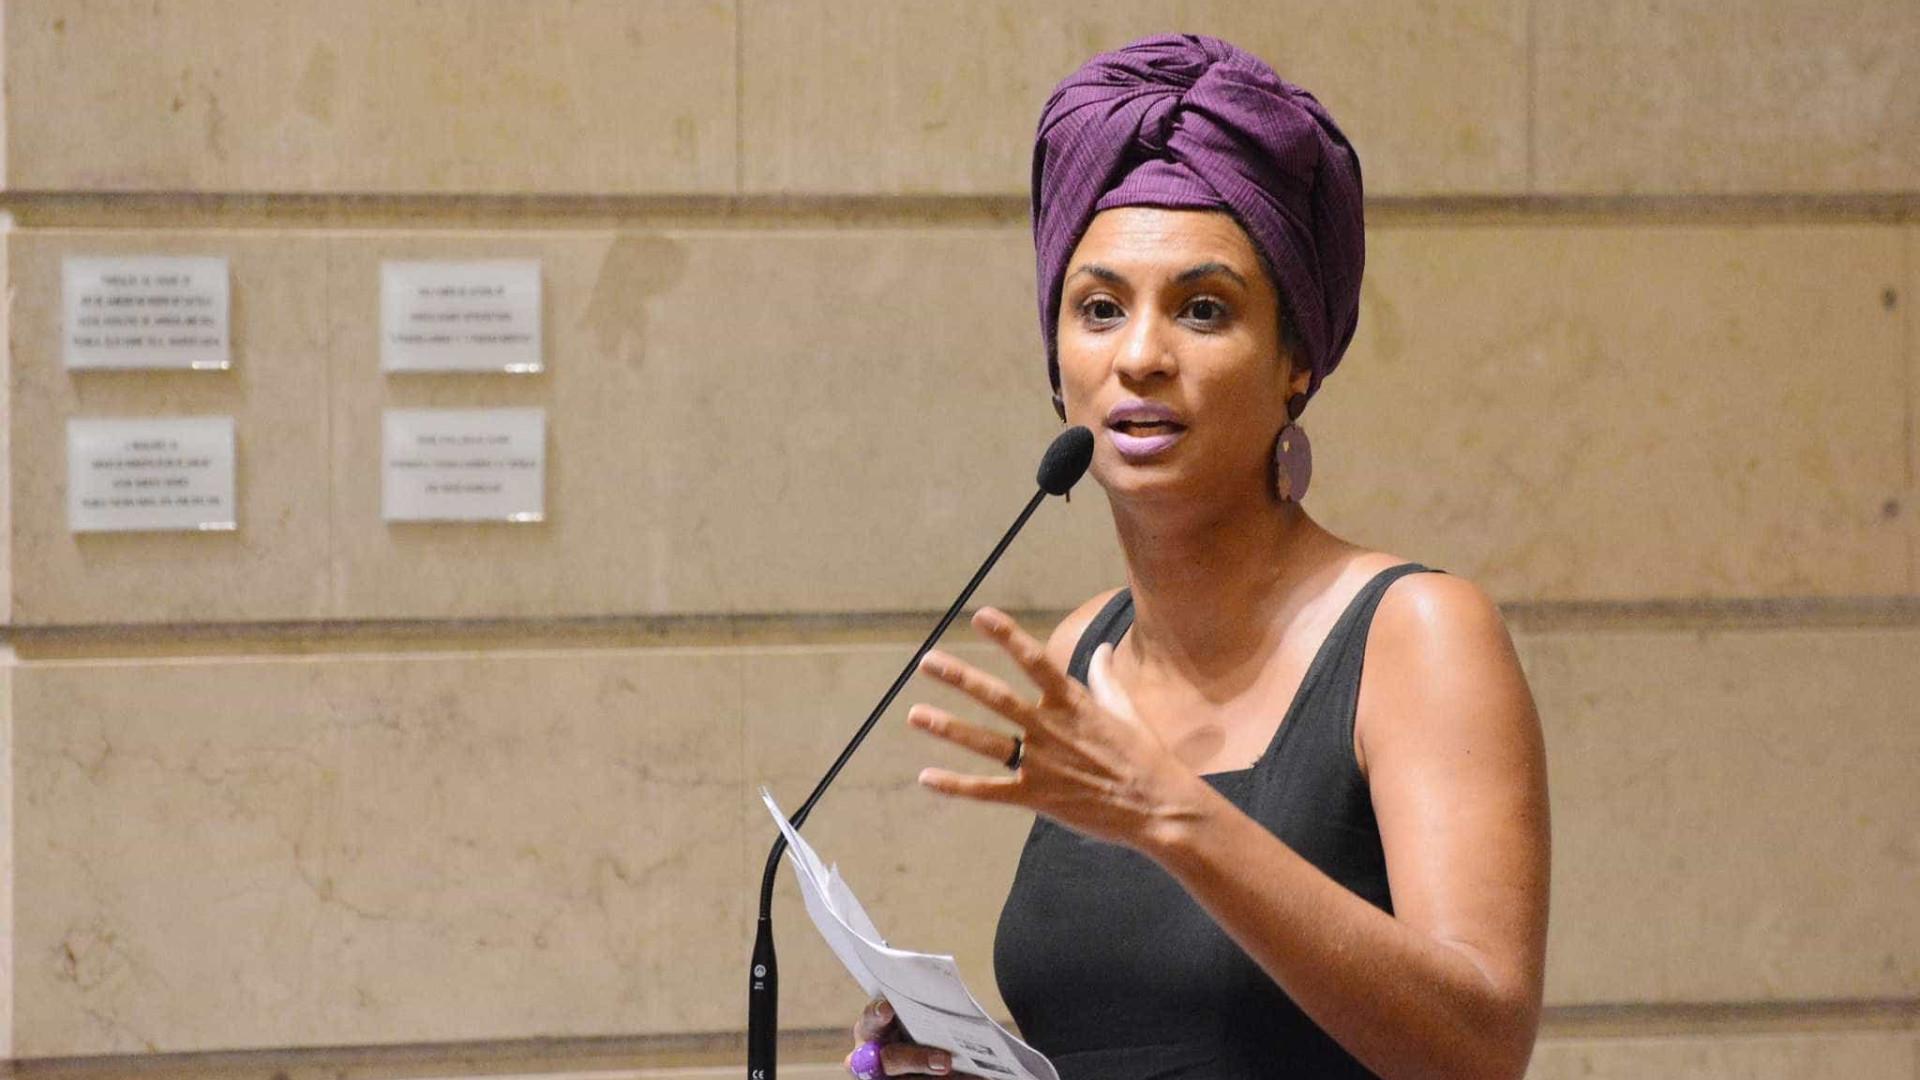 Entidades de jornalistas criticam censura no caso Marielle